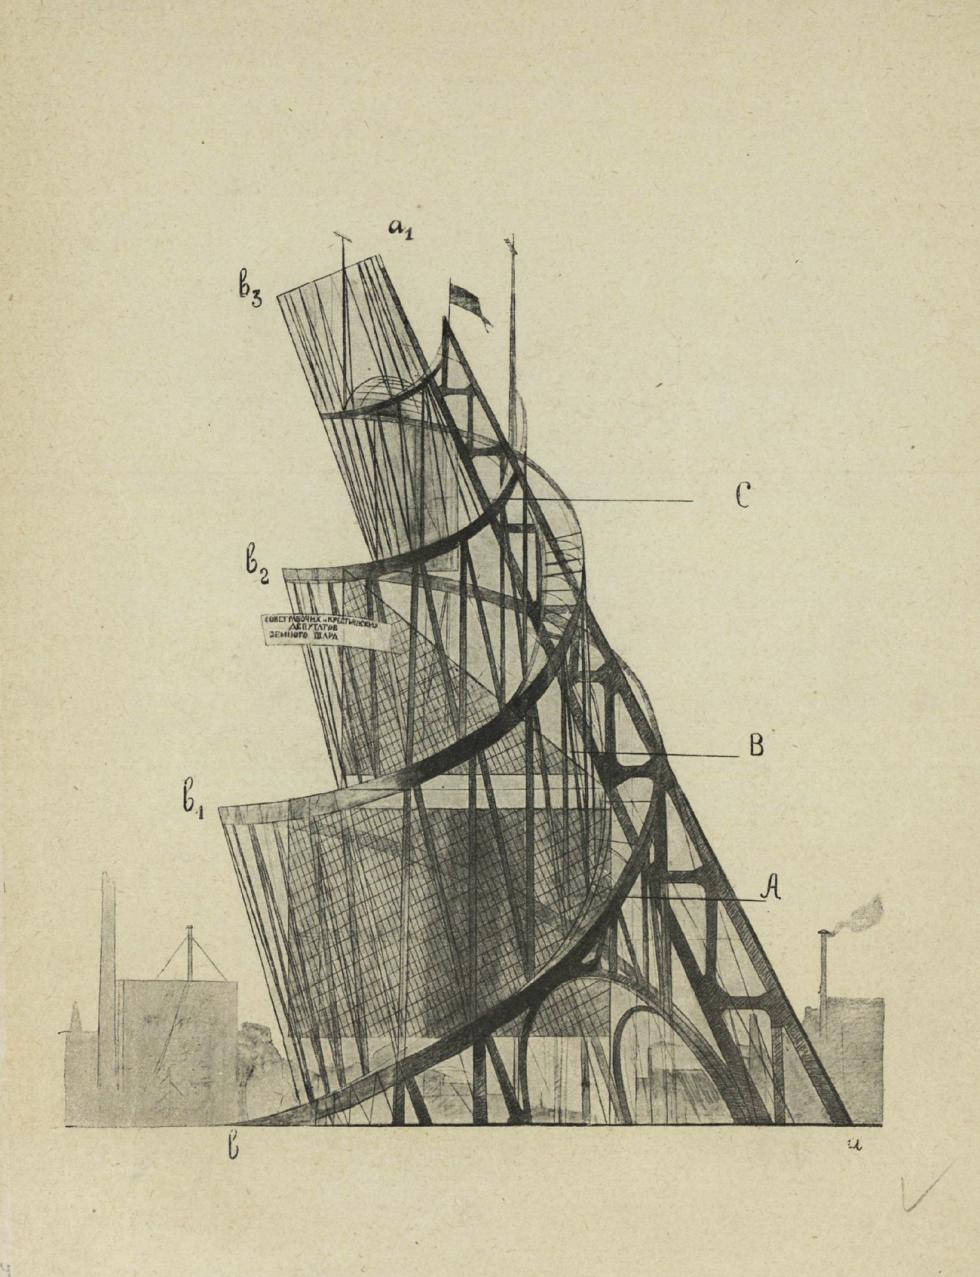 由弗拉基米尔·塔特林设计第三国际纪念碑。图片来源:档案照片